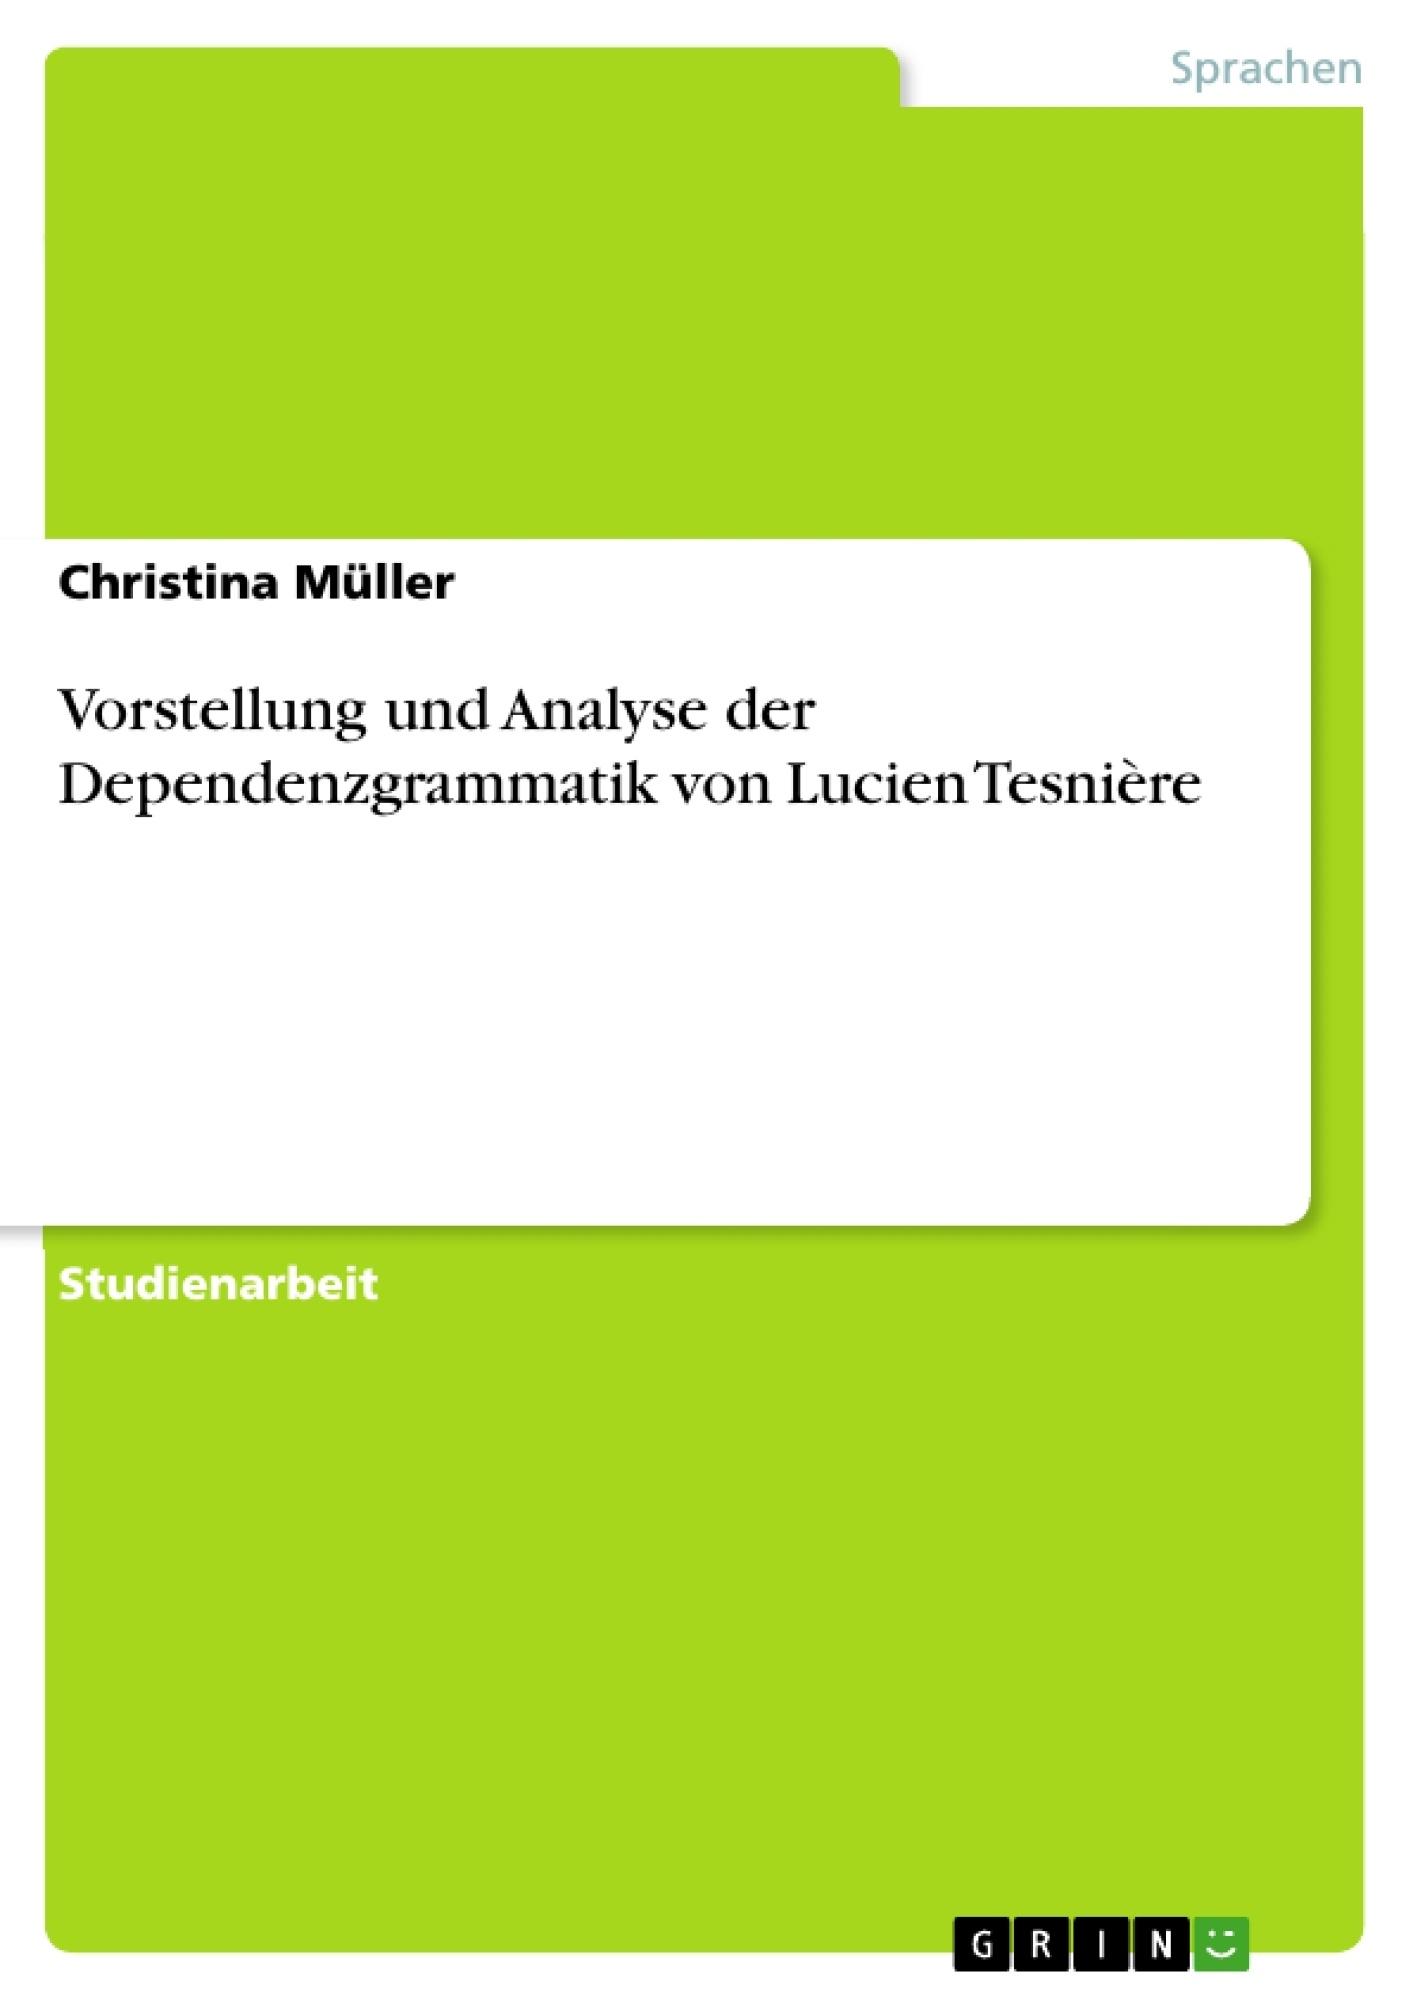 Titel: Vorstellung und Analyse der Dependenzgrammatik von Lucien Tesnière